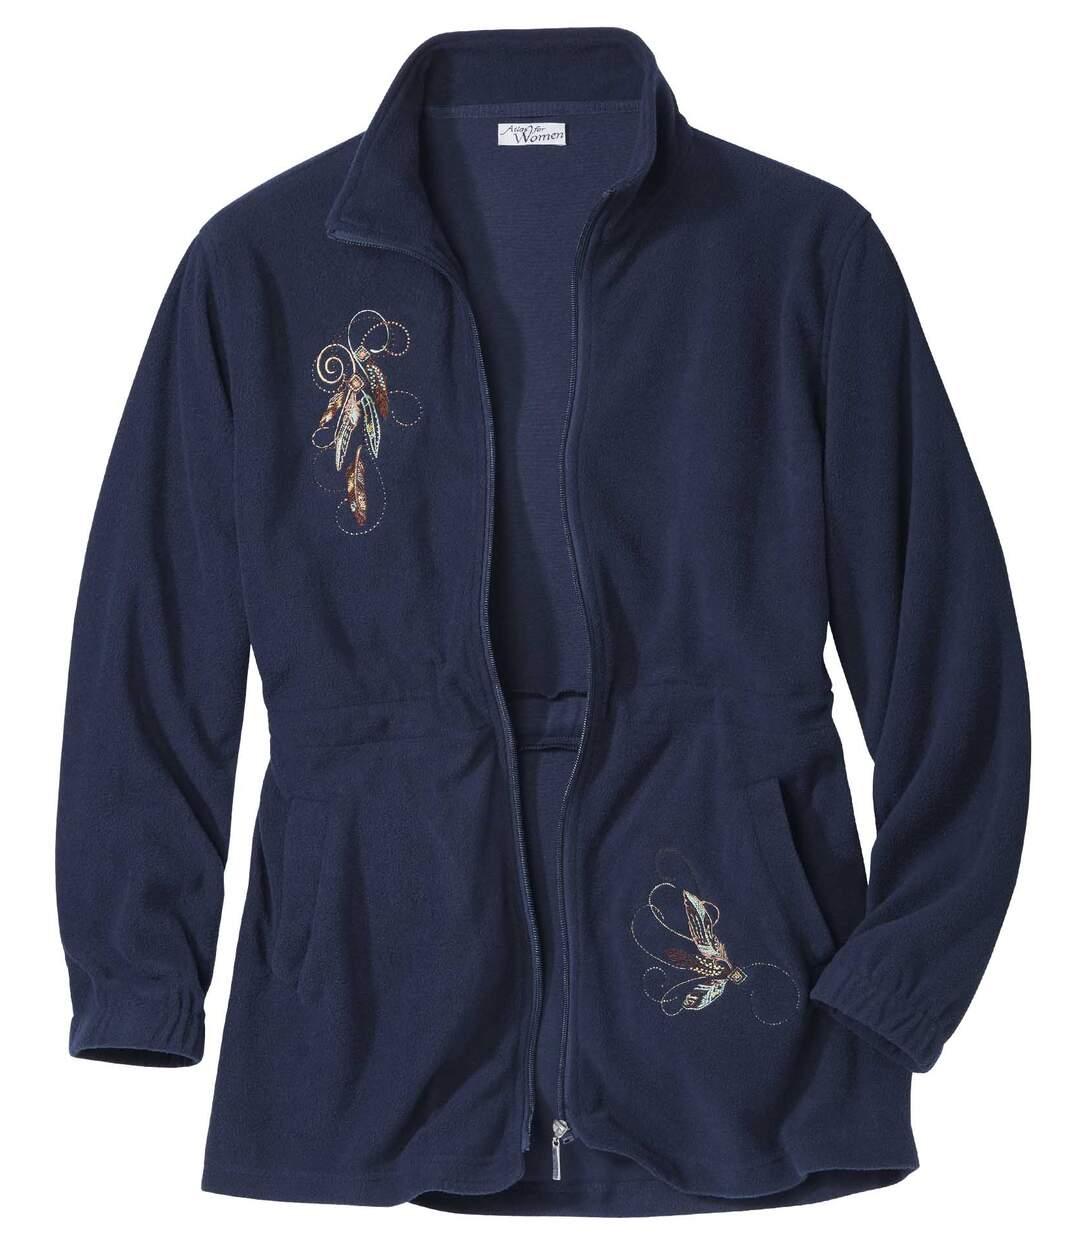 Nachtblauw fleecevest met borduursels